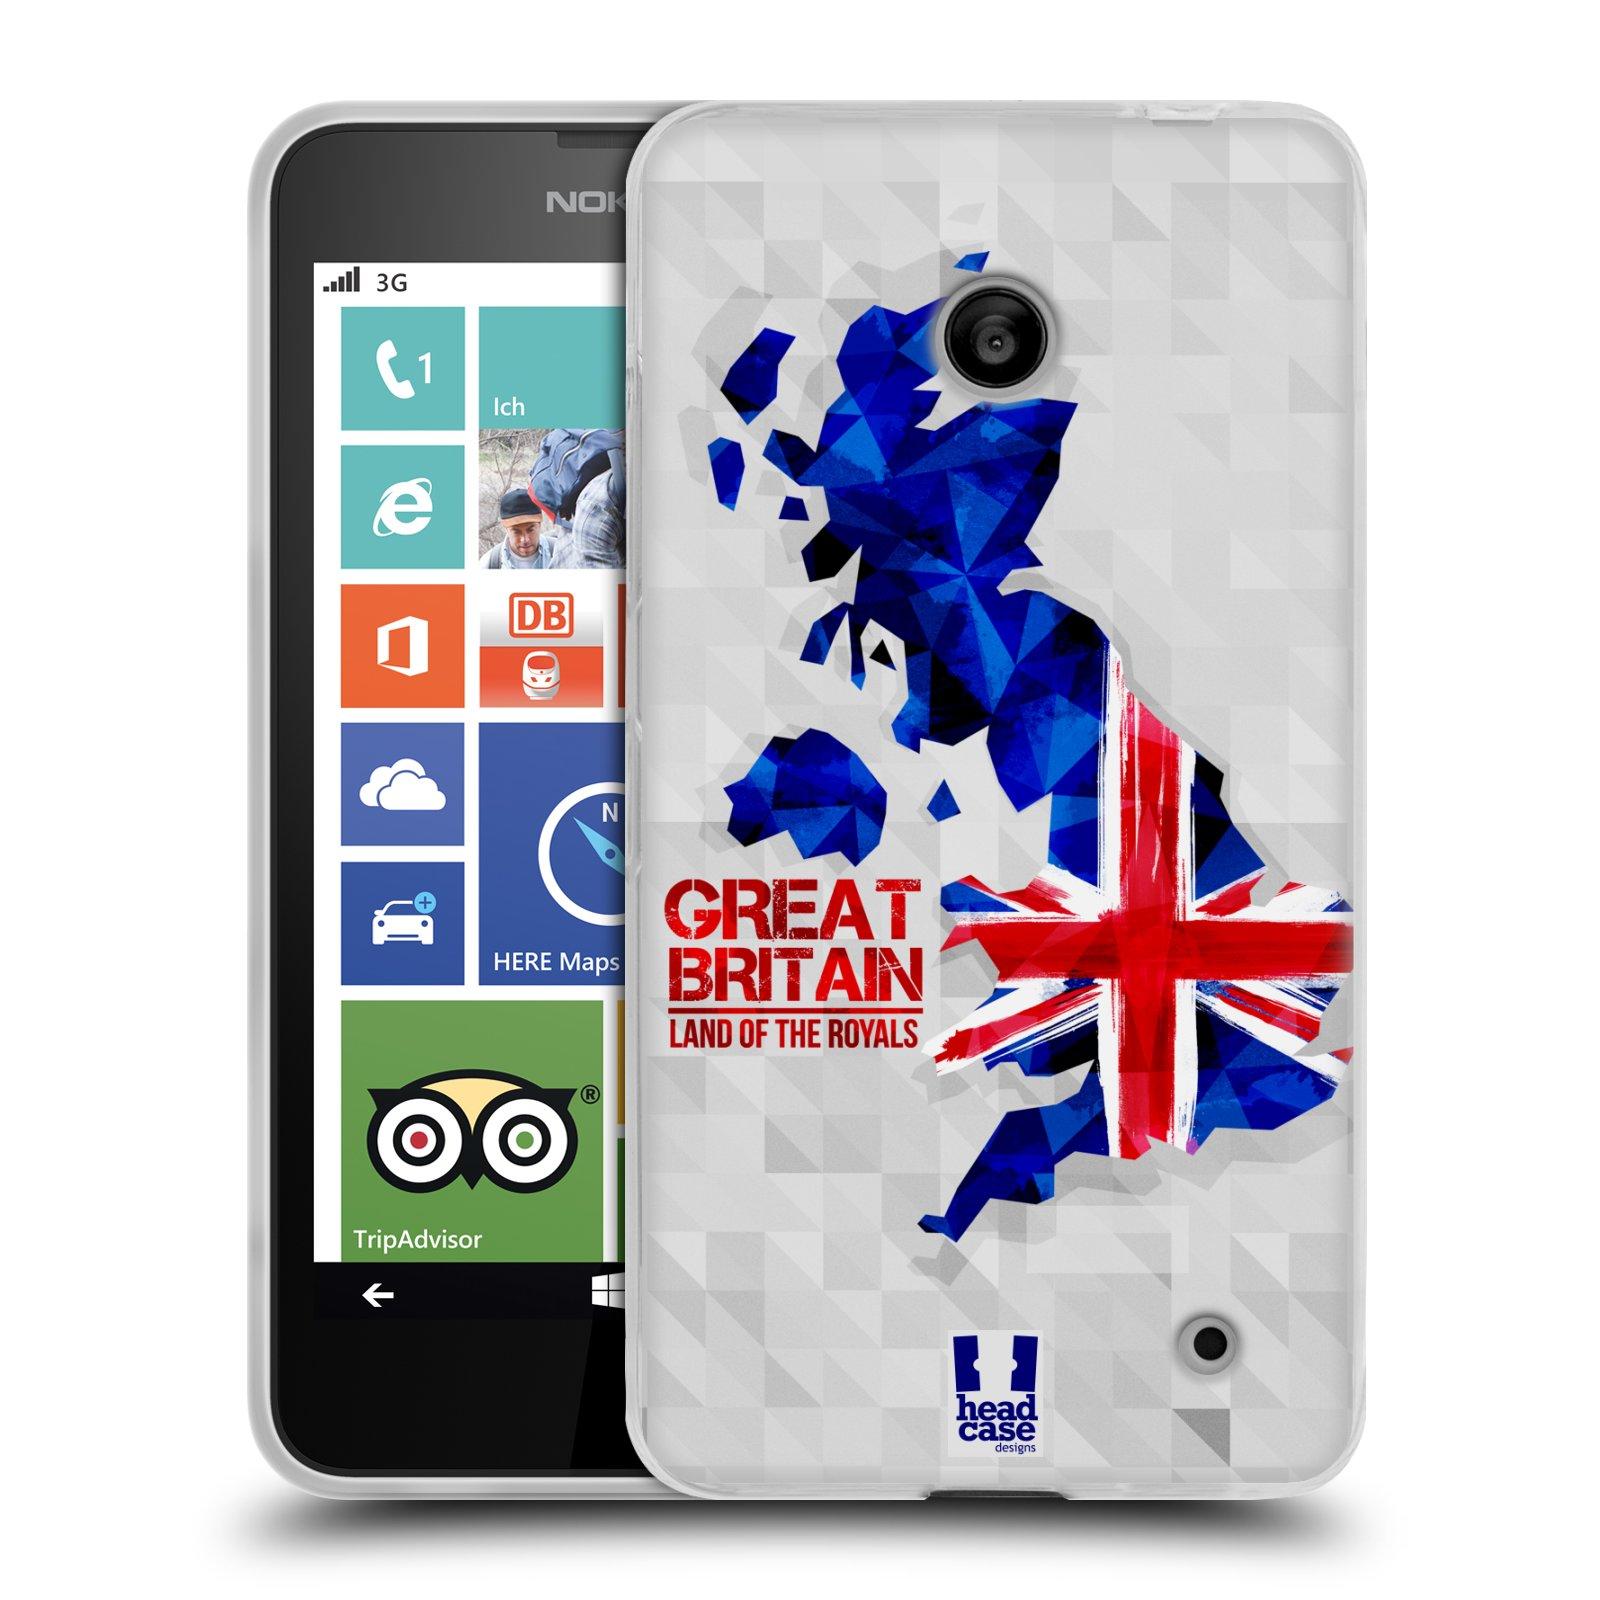 Silikonové pouzdro na mobil Nokia Lumia 630 HEAD CASE GEOMAPA VELKÁ BRTÁNIE (Silikonový kryt či obal na mobilní telefon Nokia Lumia 630 a Nokia Lumia 630 Dual SIM)